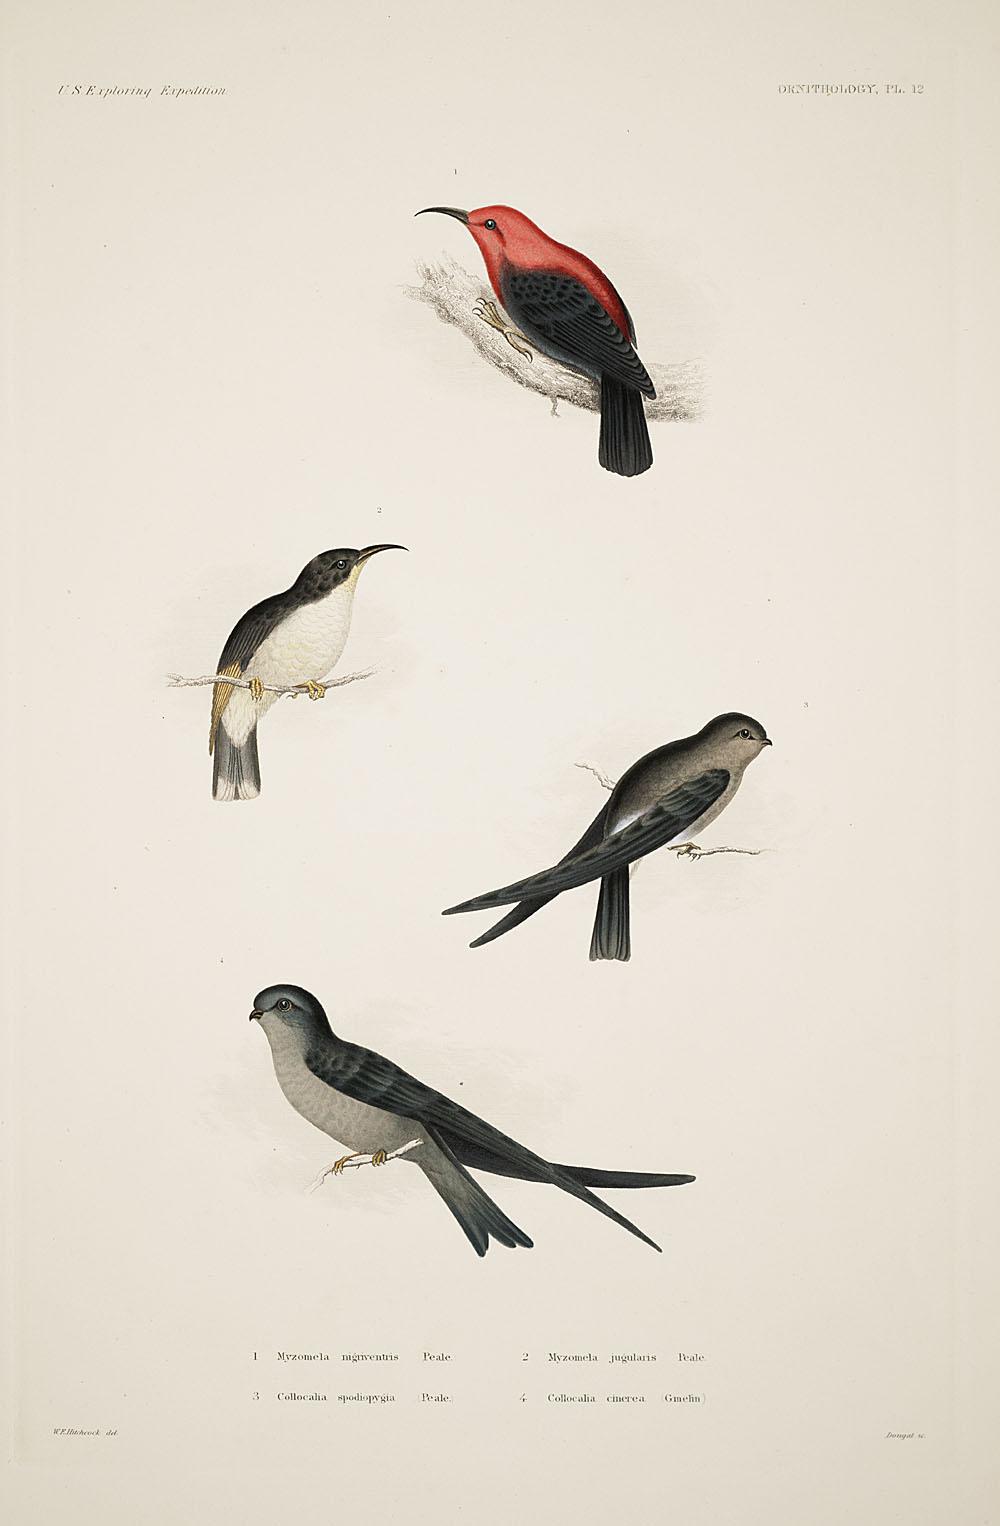 Ornithology, Pl. 12,  Image number:sil19-12-055b